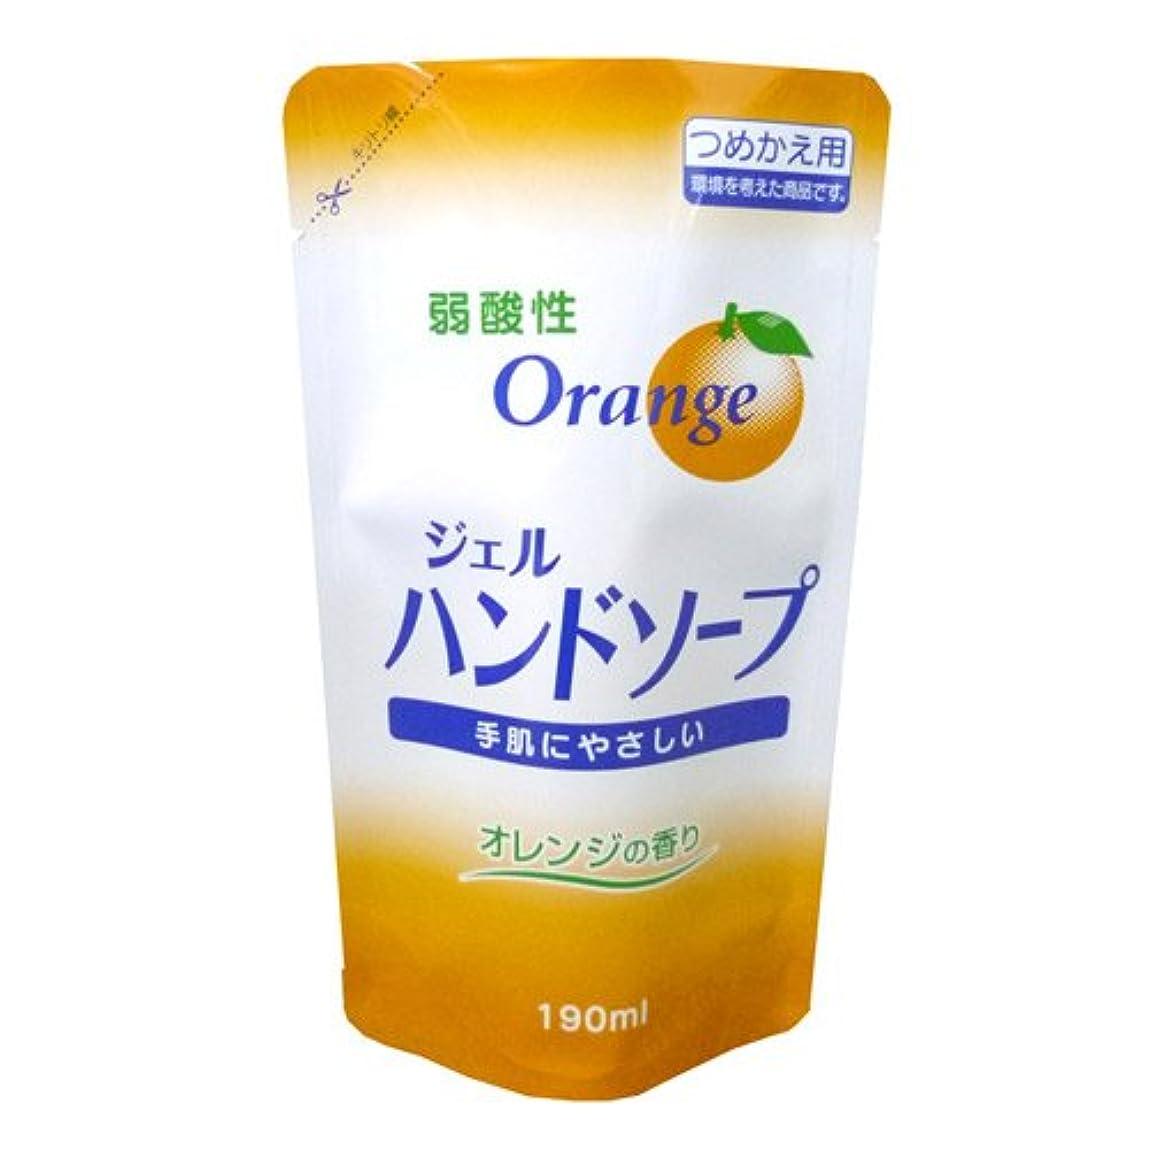 欠乏正しく貫通弱酸性ジェルハンドソープ 詰替用 190ml